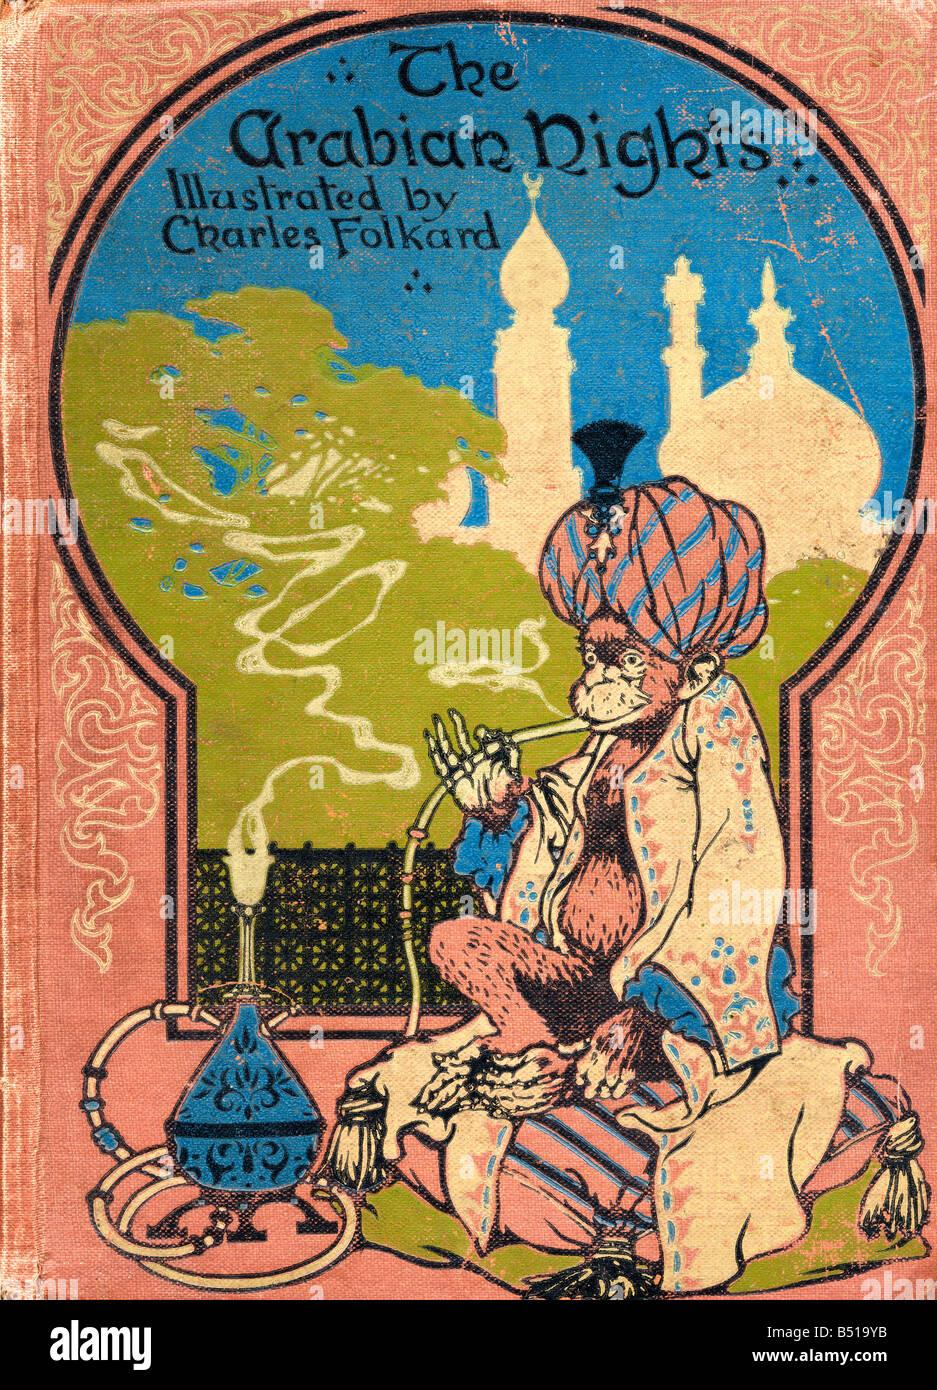 Coperchio anteriore illustrazione di Charles Folkard dal libro Arabian Nights pubblicato 1917 Immagini Stock